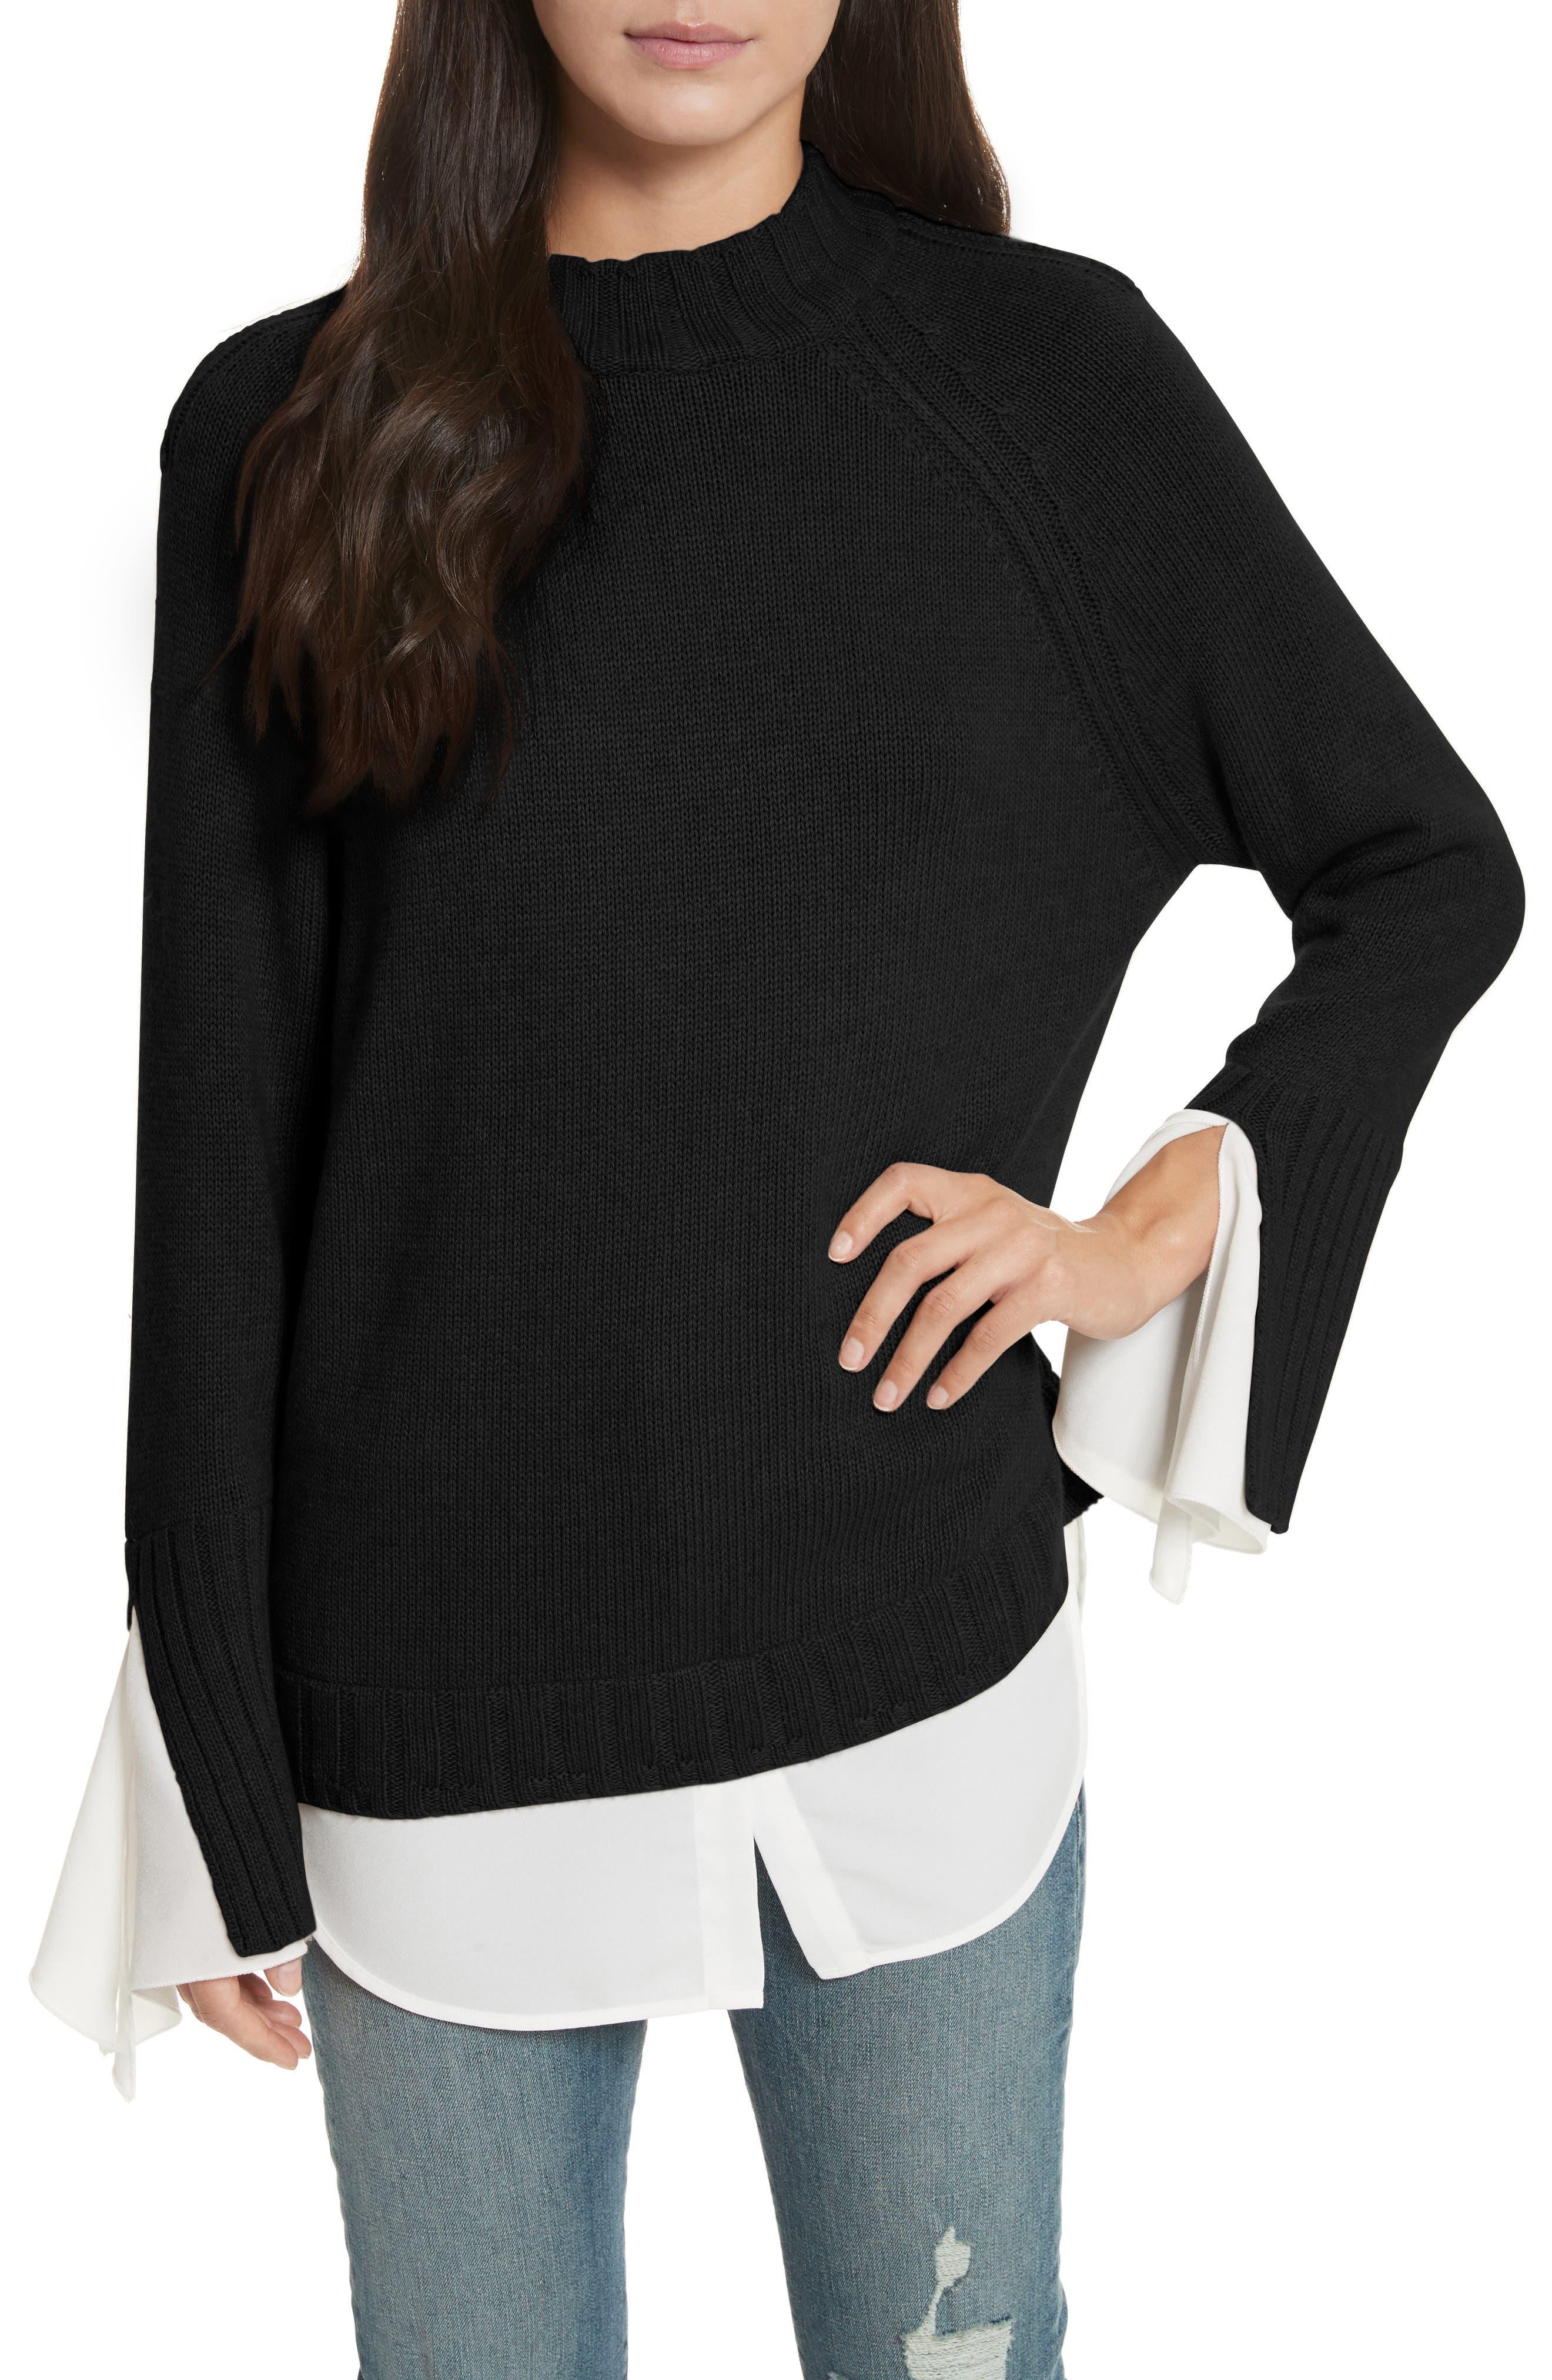 Remi Layered Pullover,                         Main,                         color, Black/ White